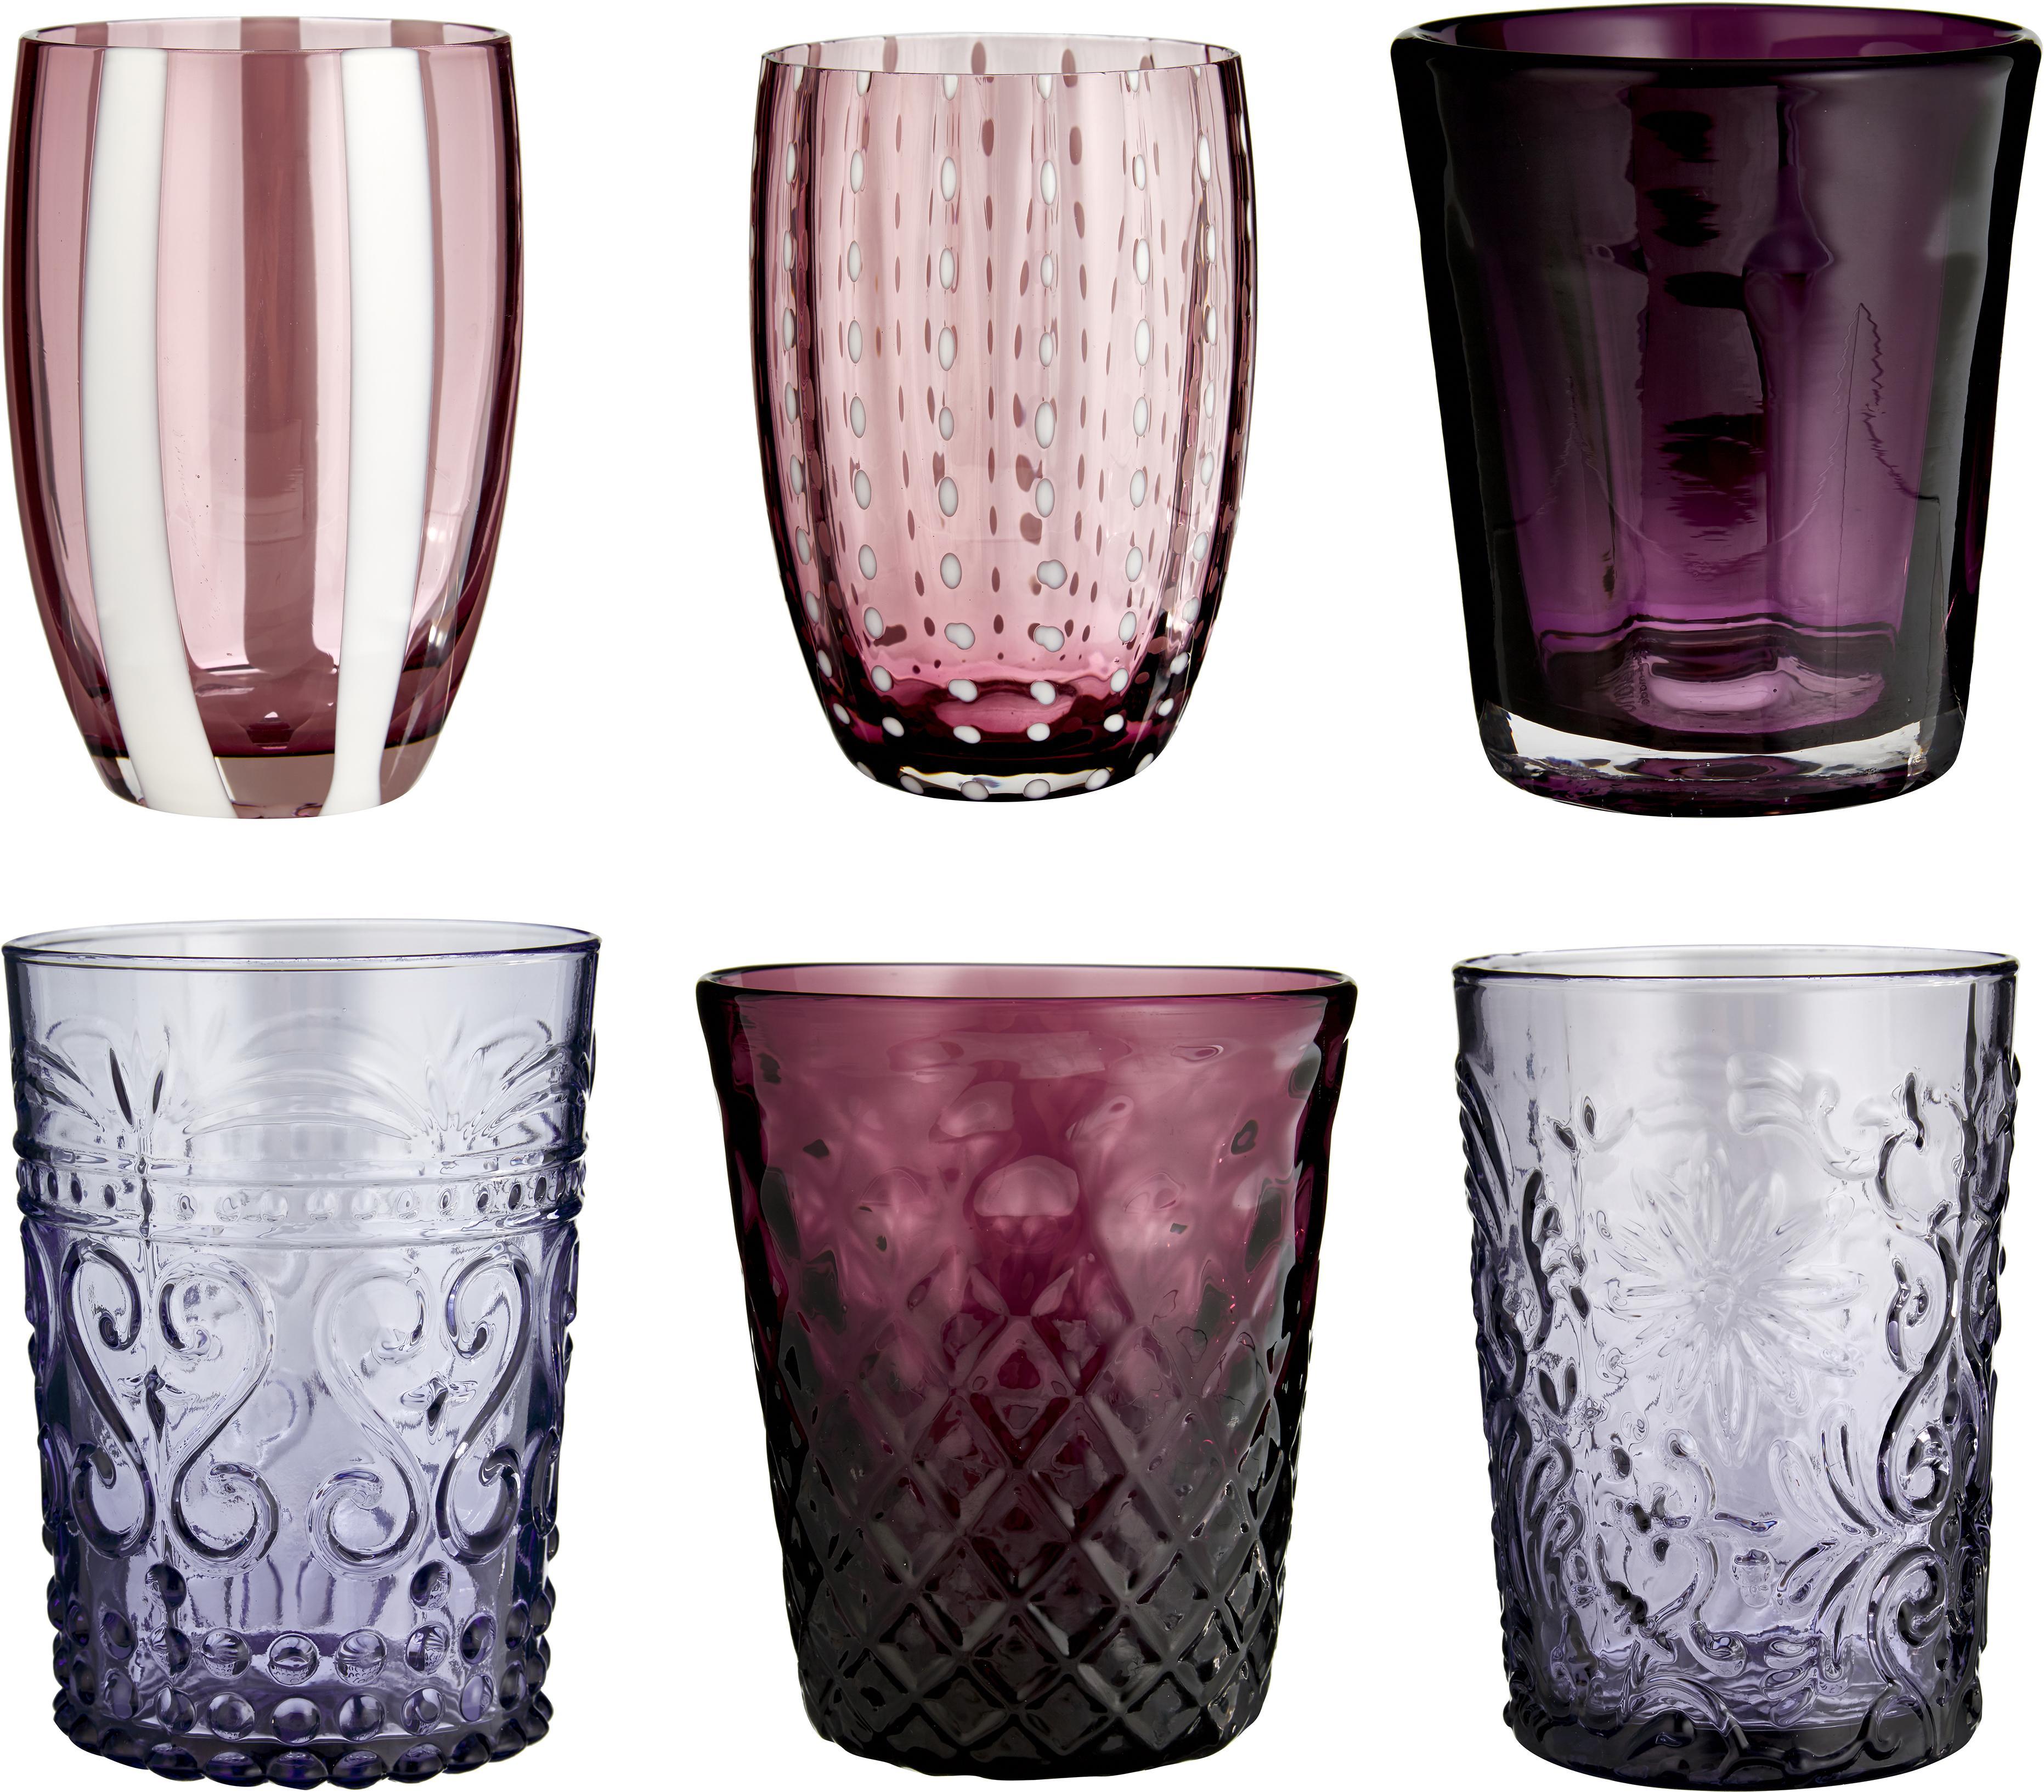 Mundgeblasene Wassergläser Melting Pot Berry in verschiedenen Designs und Beerentönen, 6er-Set, Glas, Blautöne, Rottöne, Set mit verschiedenen Größen